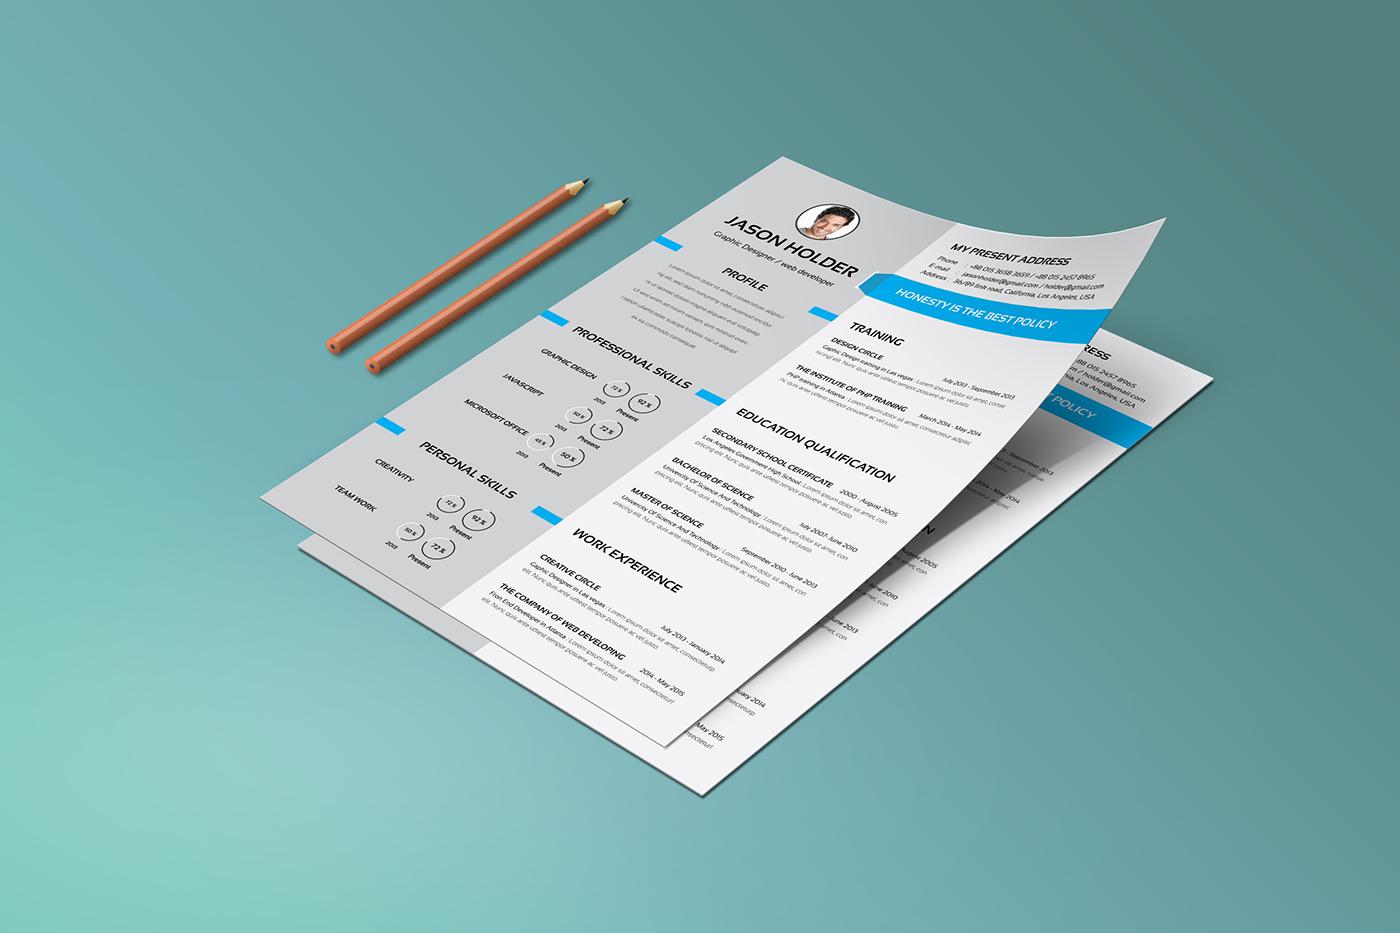 Top CV tiếng Anh giúp bạn tạo ấn tương tốt với nhà tuyển dụng